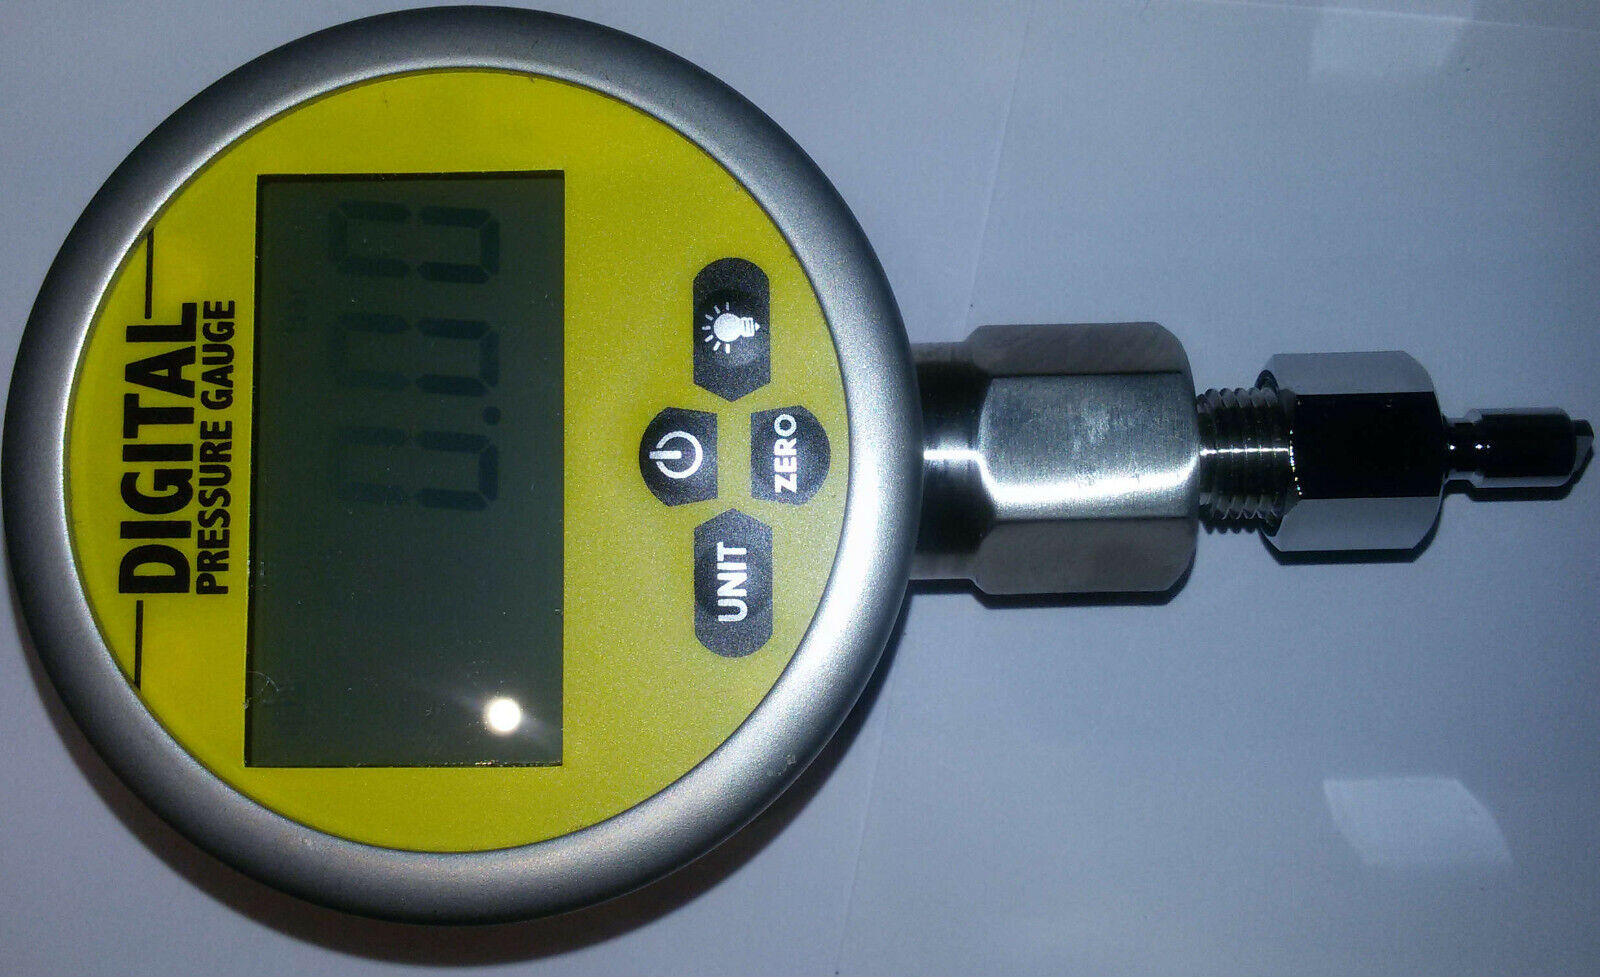 PROFI O2-Prüfgerät - zum ermitteln des Mitteldrucks bei Atemreglern